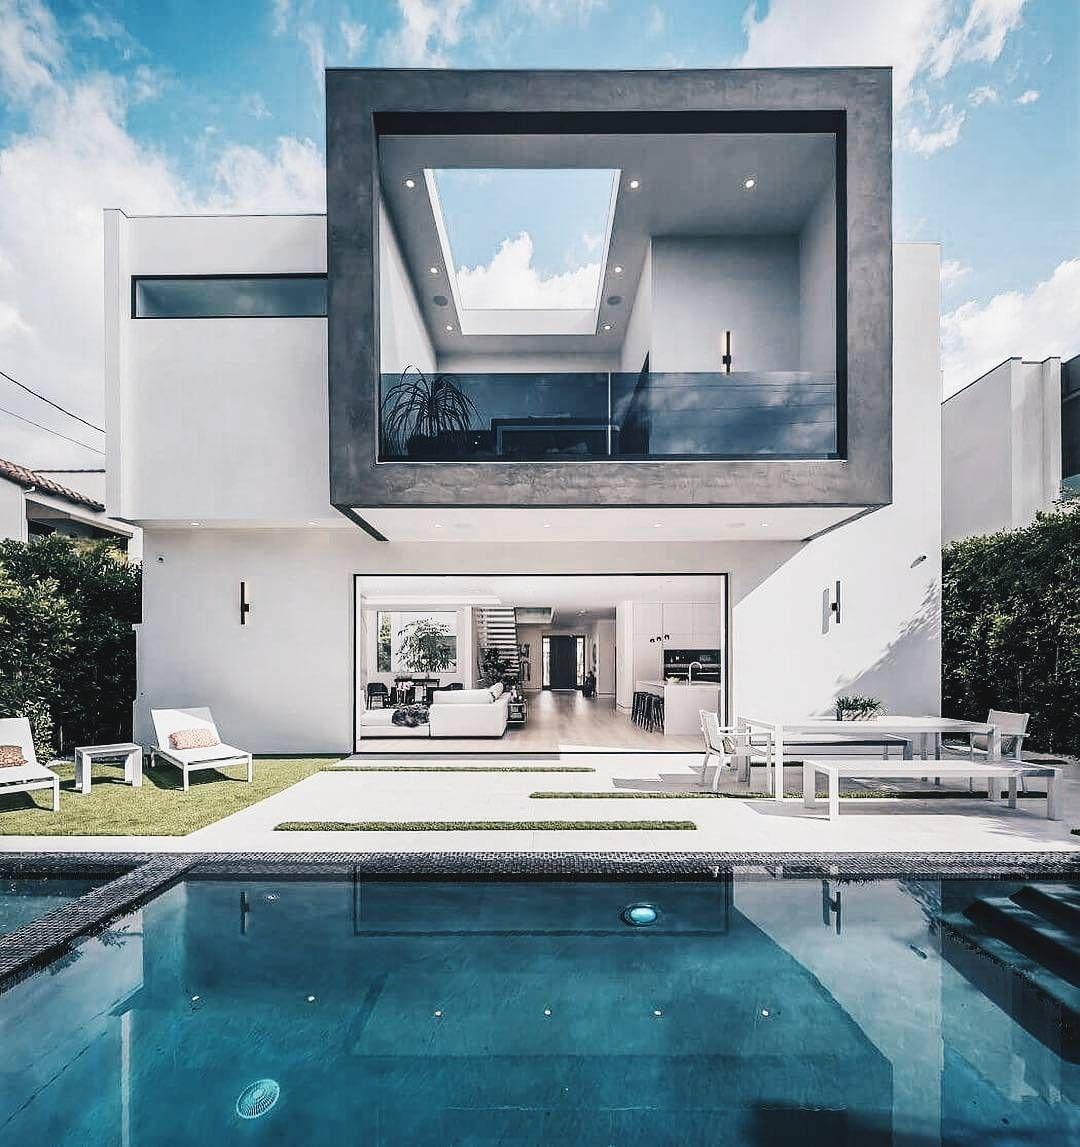 Pin von Felix auf Haus | Pinterest | Moderne villa, Traumhäuser und ...